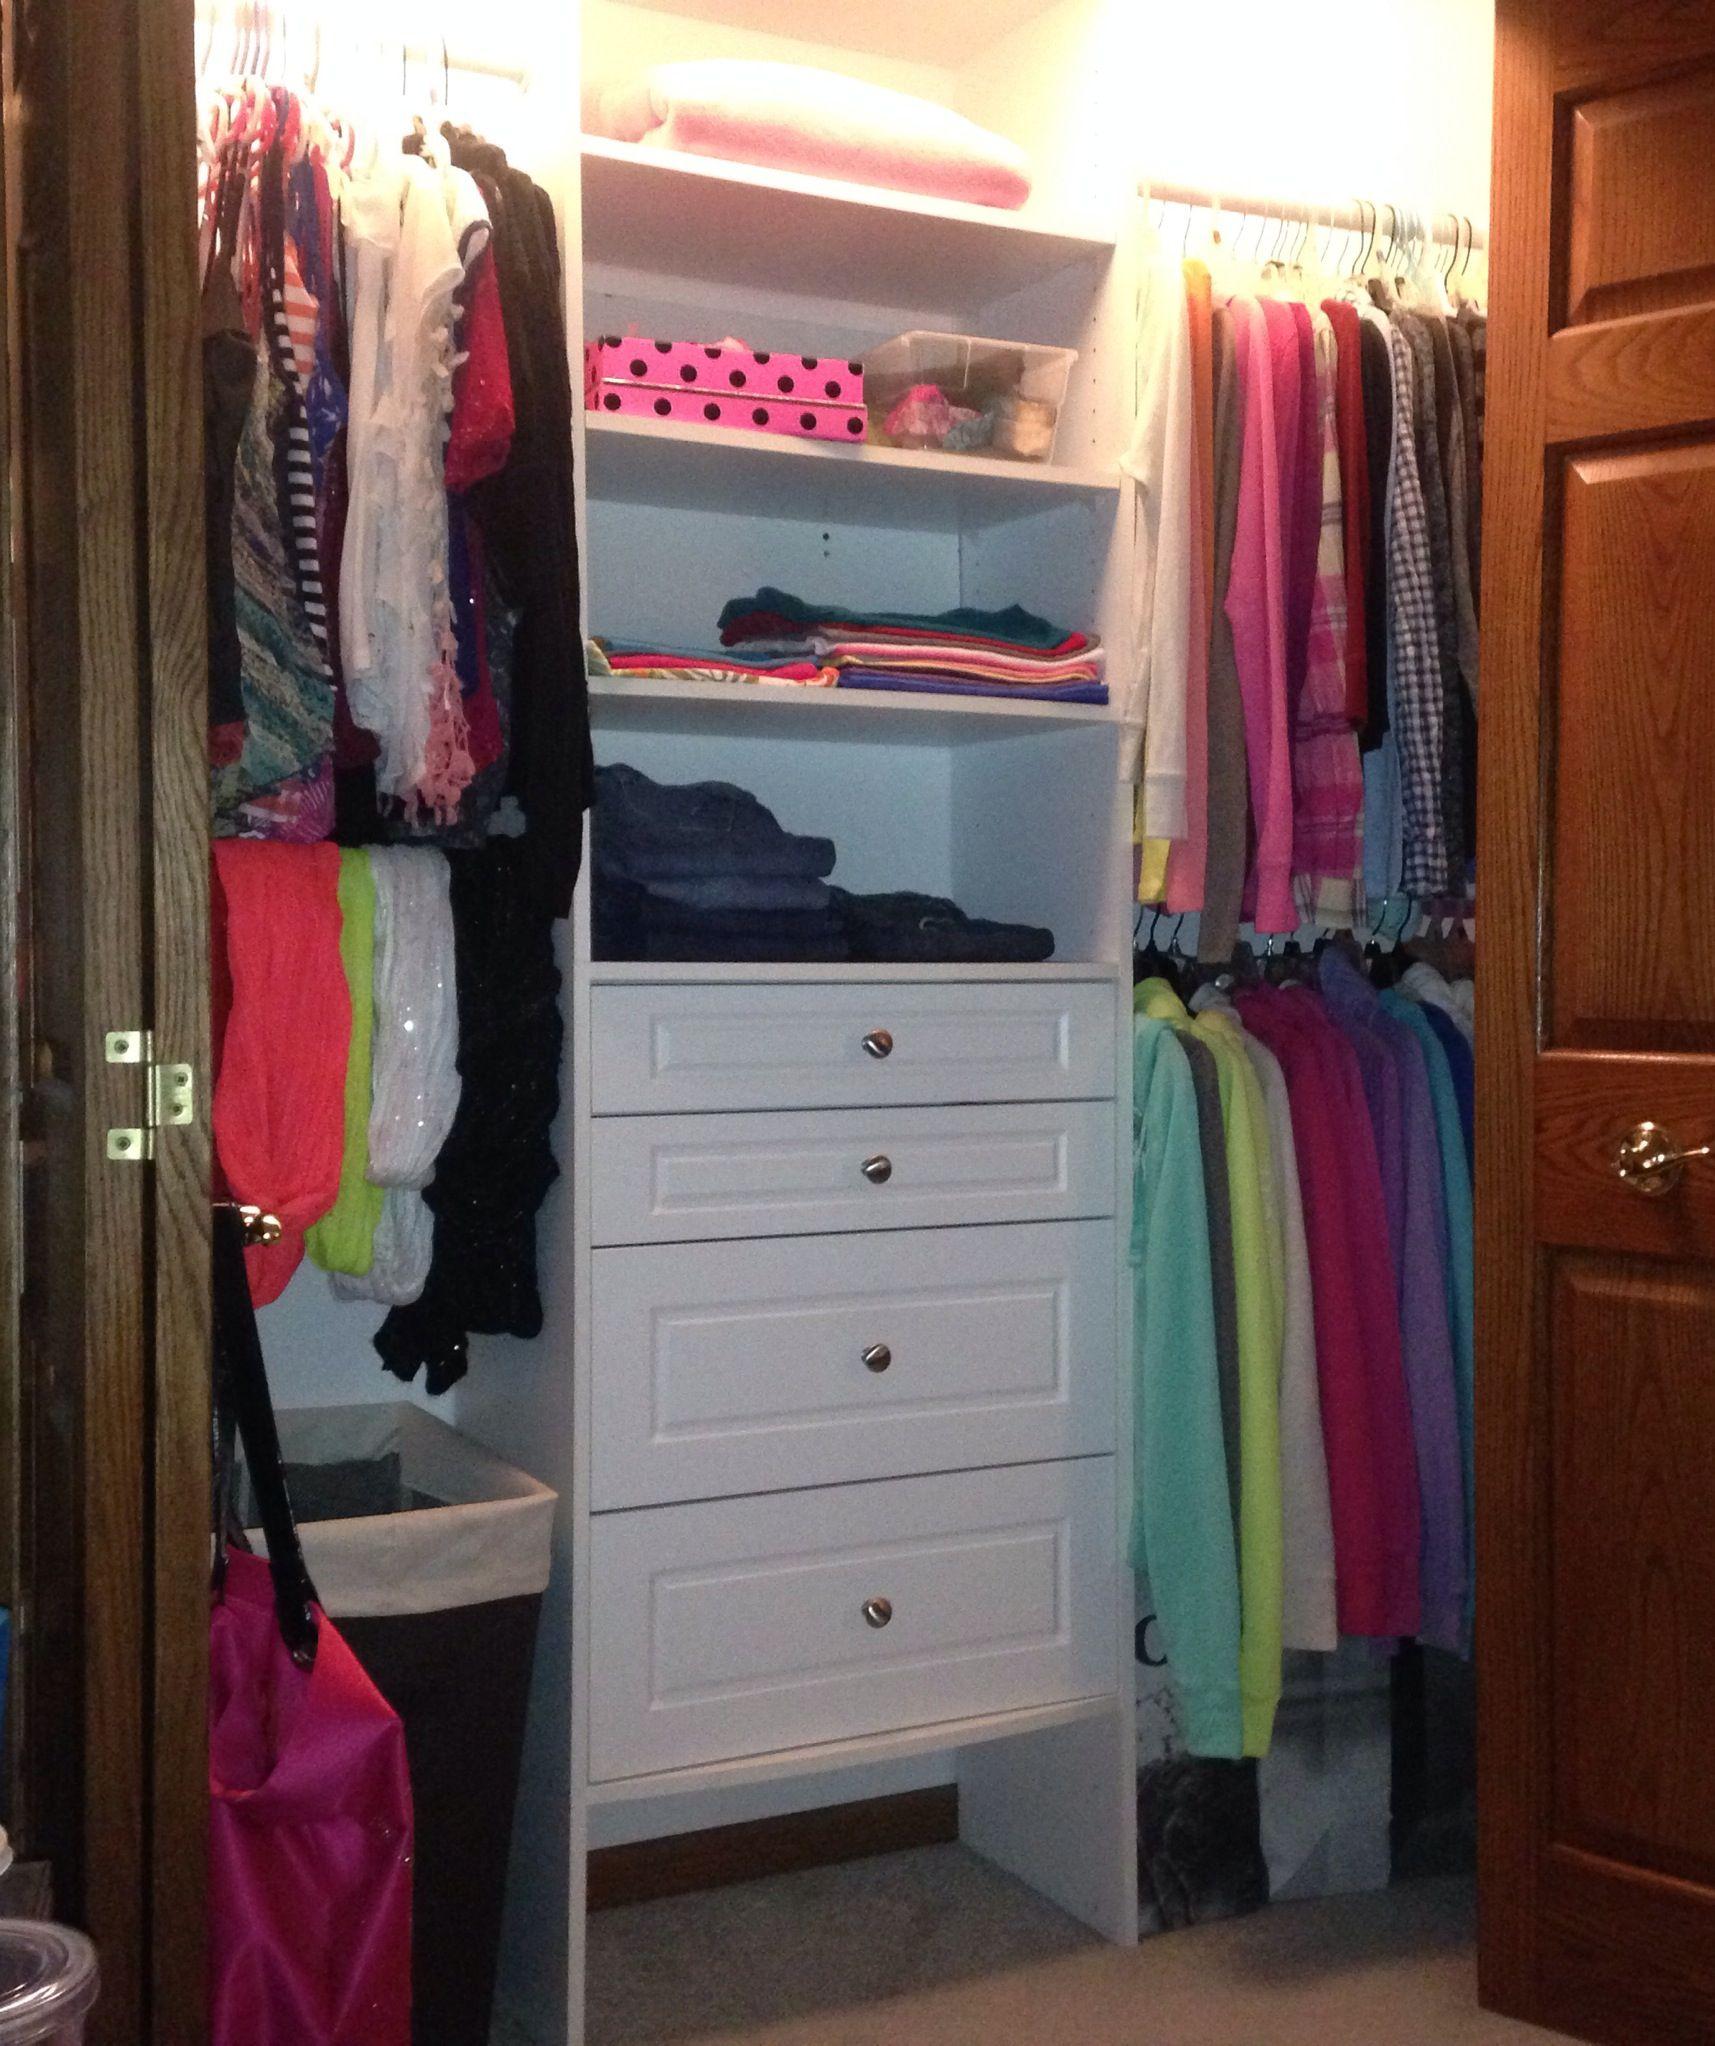 The 25 best teen closet organization ideas on pinterest Bedroom organization ideas pinterest